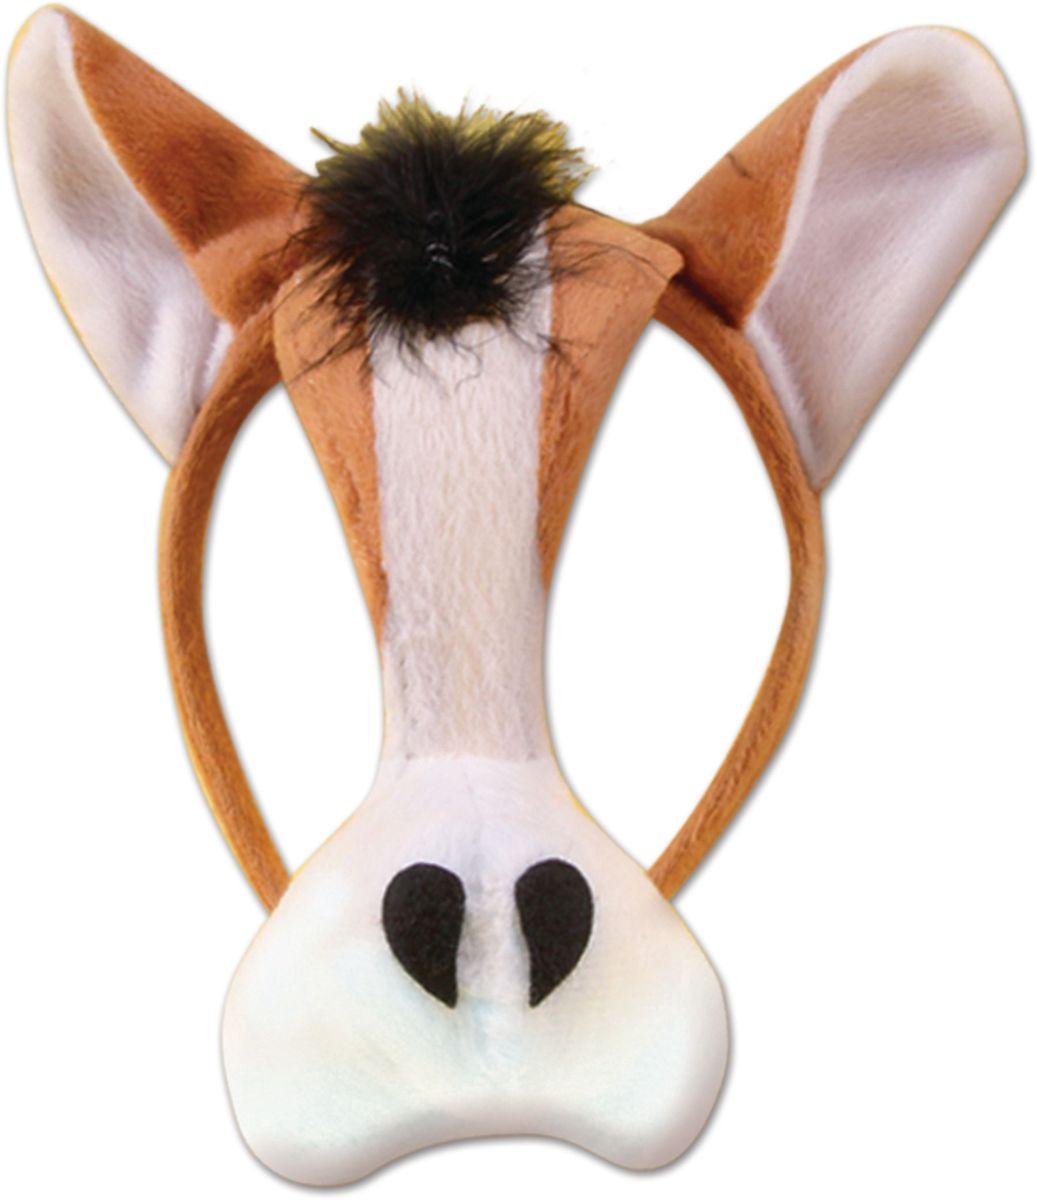 Partymania Маска для карнавала Зоопарк со звуком T1206 цвет короваT1206_короваКрасочное дополнение к карнавальному костюму. Благодаря специальному ободку,. Маска легко крепится и не создает продлем даже при длительном ношении. Звук на маске не только развлечет ребенка, но и позволит ему лучше войти в образ животного. Все маски сделаны из материалов высокого качества и идеально подойдут для карнавалов, праздников и любых торжеств. Виды масок: мышь, корова, тигр, заяц, жираф. Пять видов масок поставляются под одним артикулом. Размер упаковки - 210х320х45 мм.